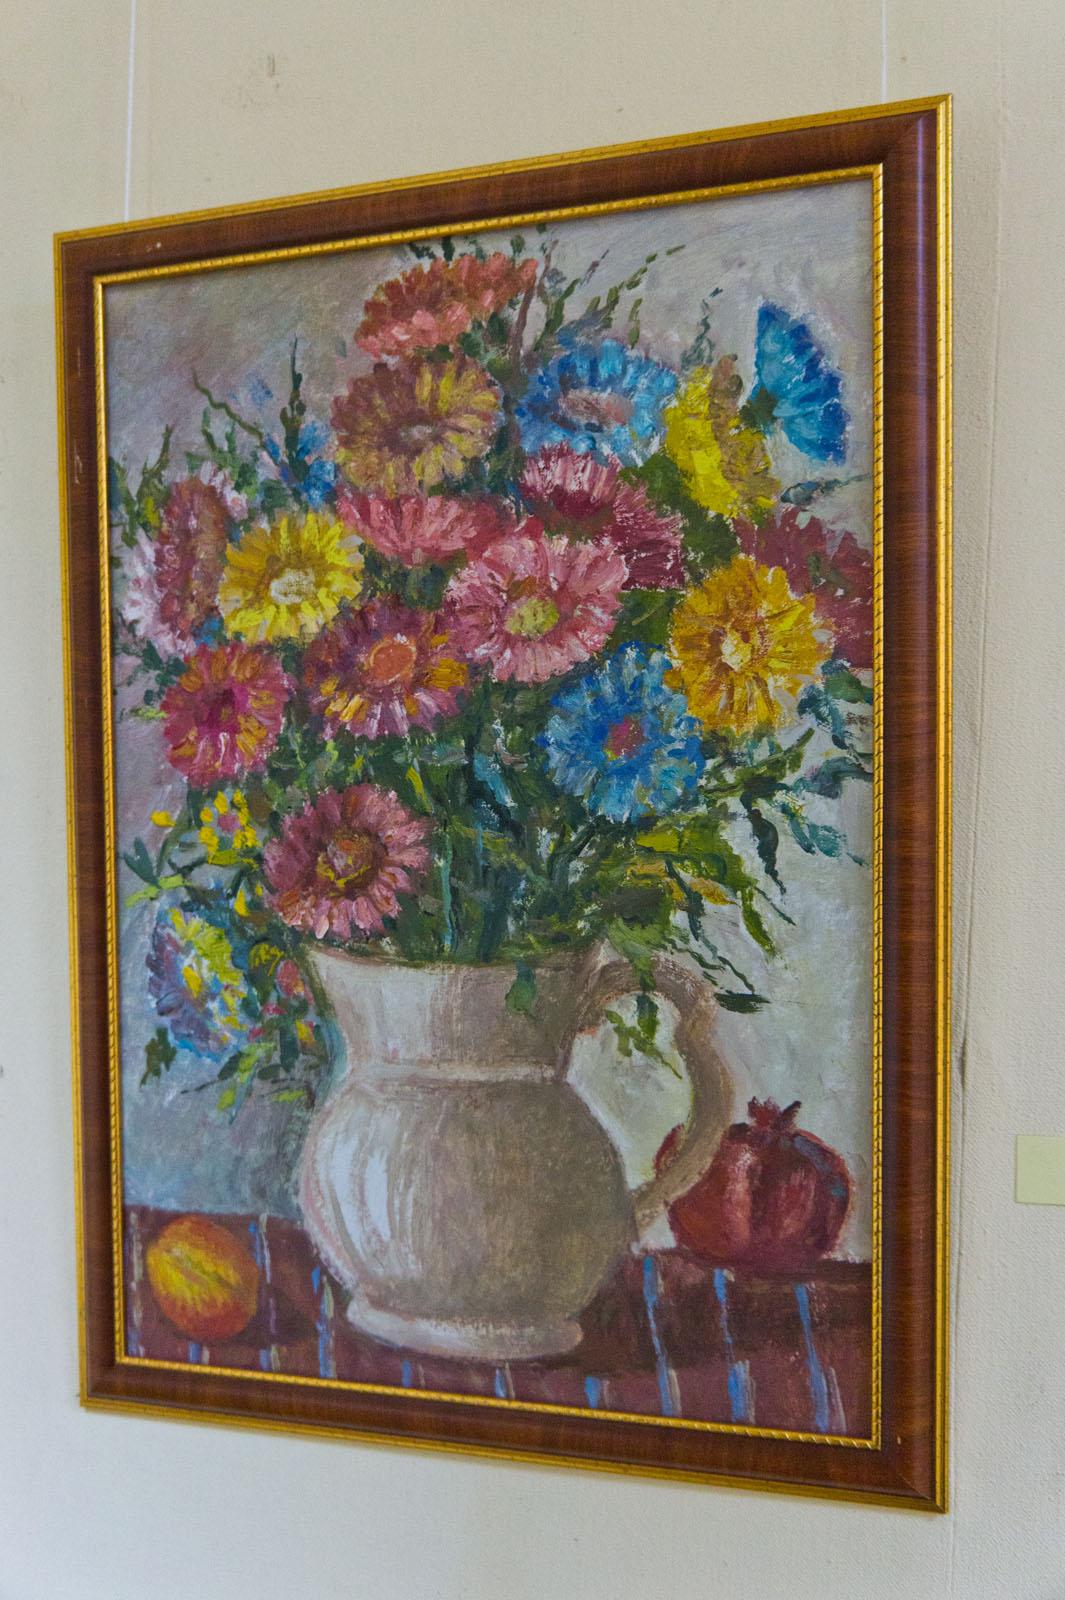 Фото №69204. Цветы. 2009. Анатолий Бугаков